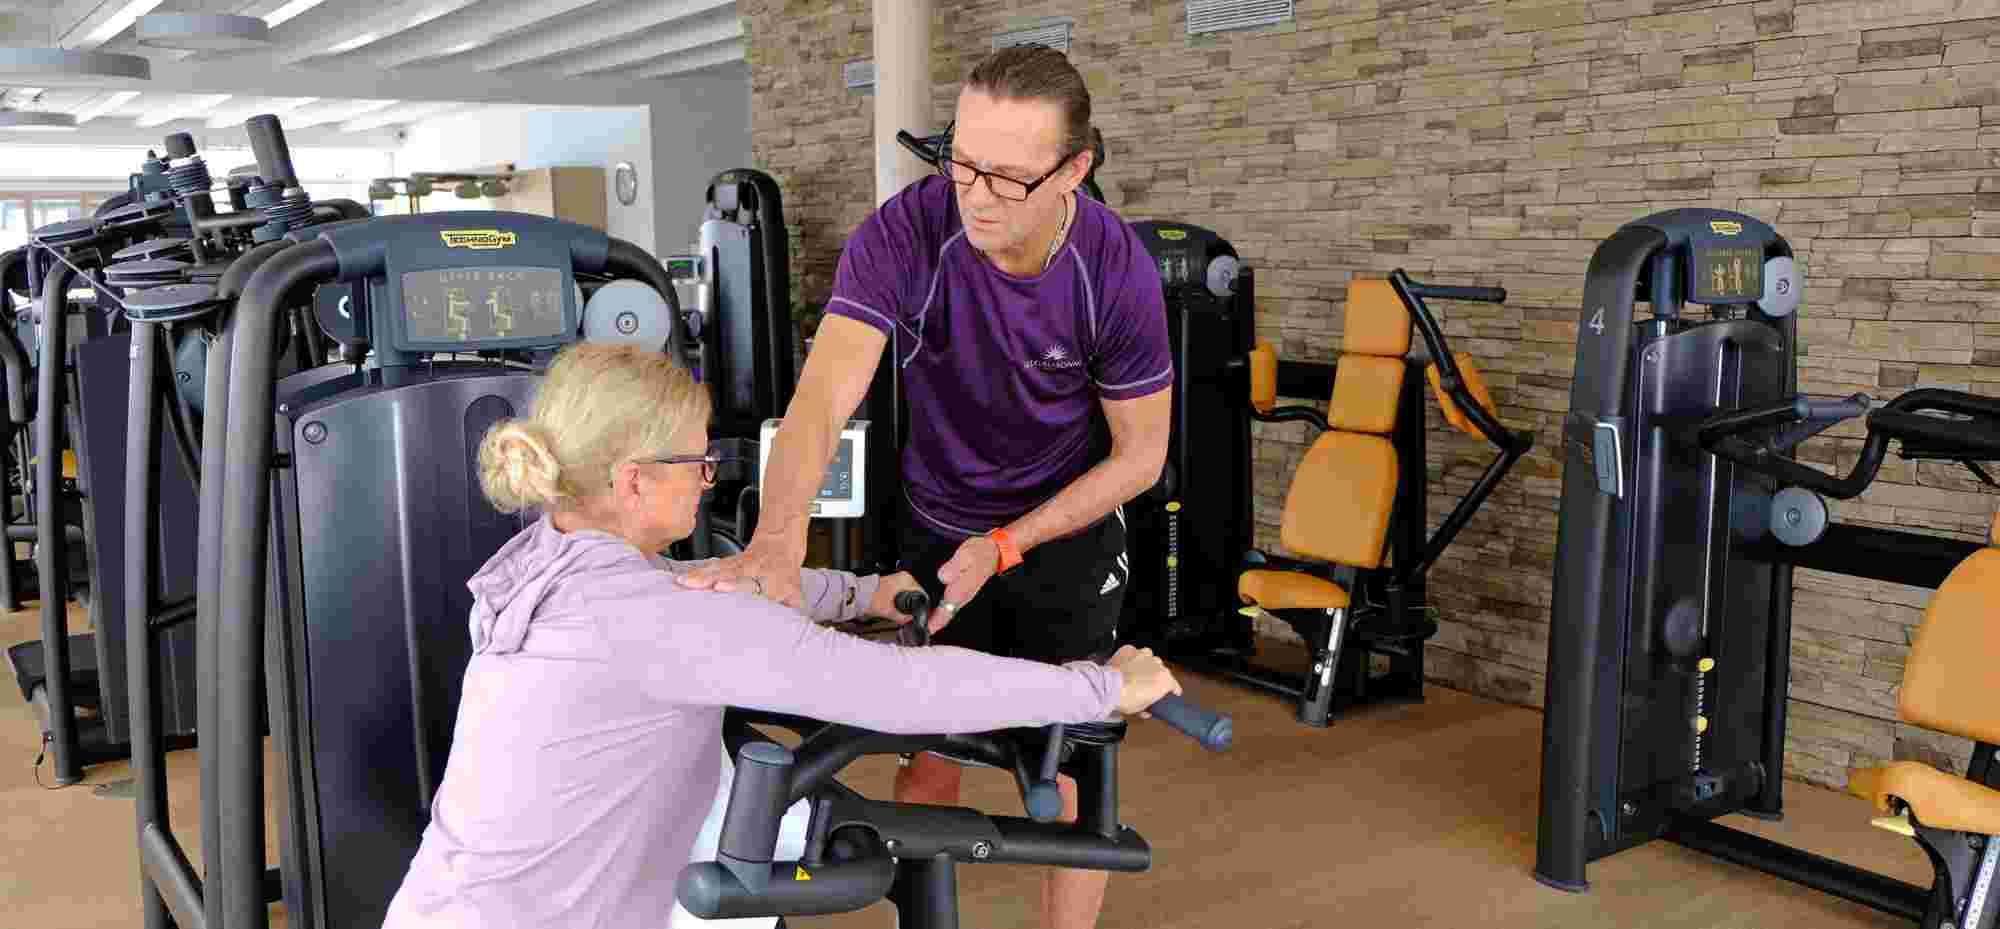 Personal Training am Armdrücker-Gerät im Fitnessraum der Allgäu Sonne